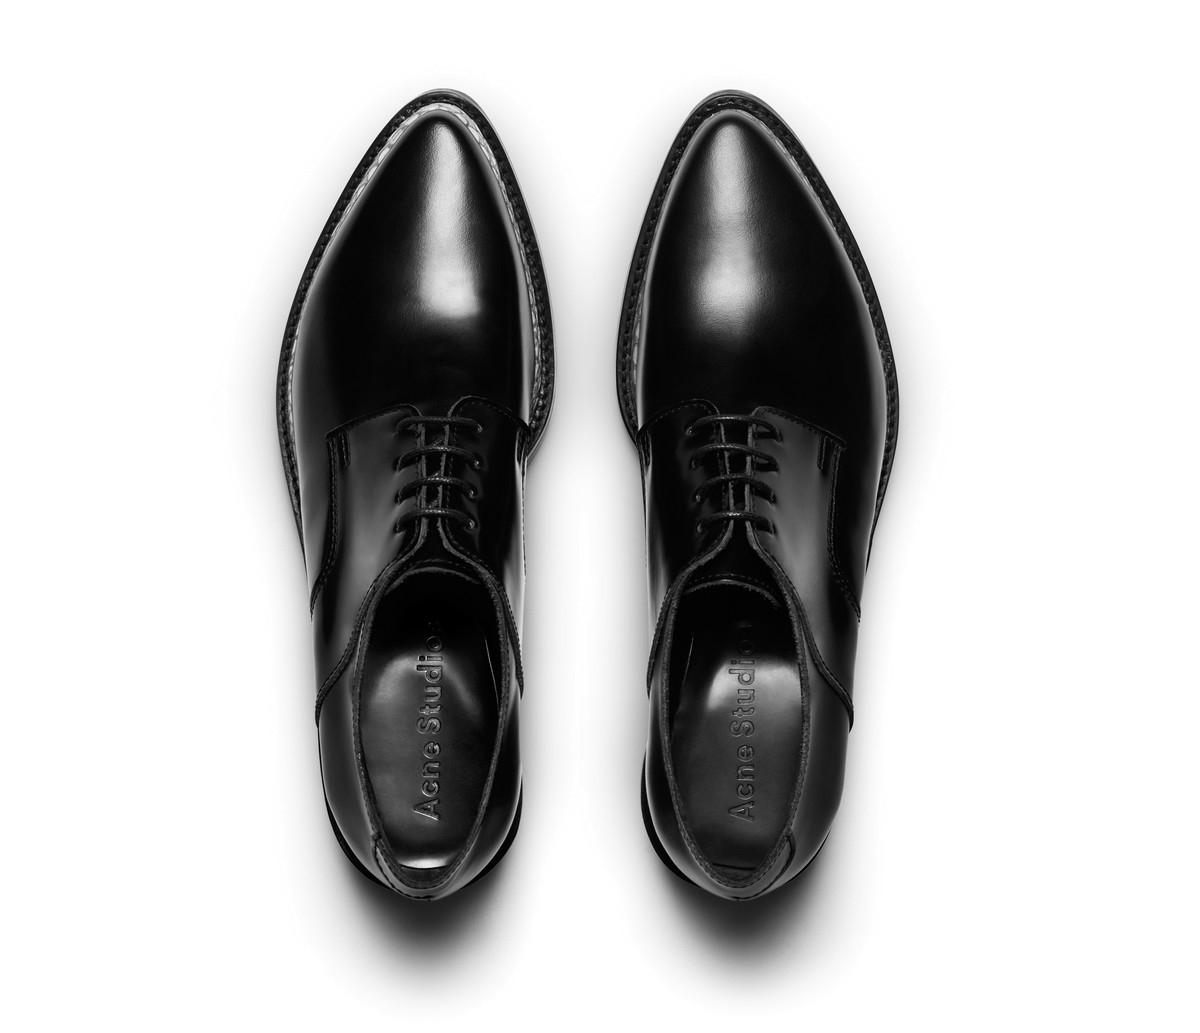 Acne Studios Shoe Sizing